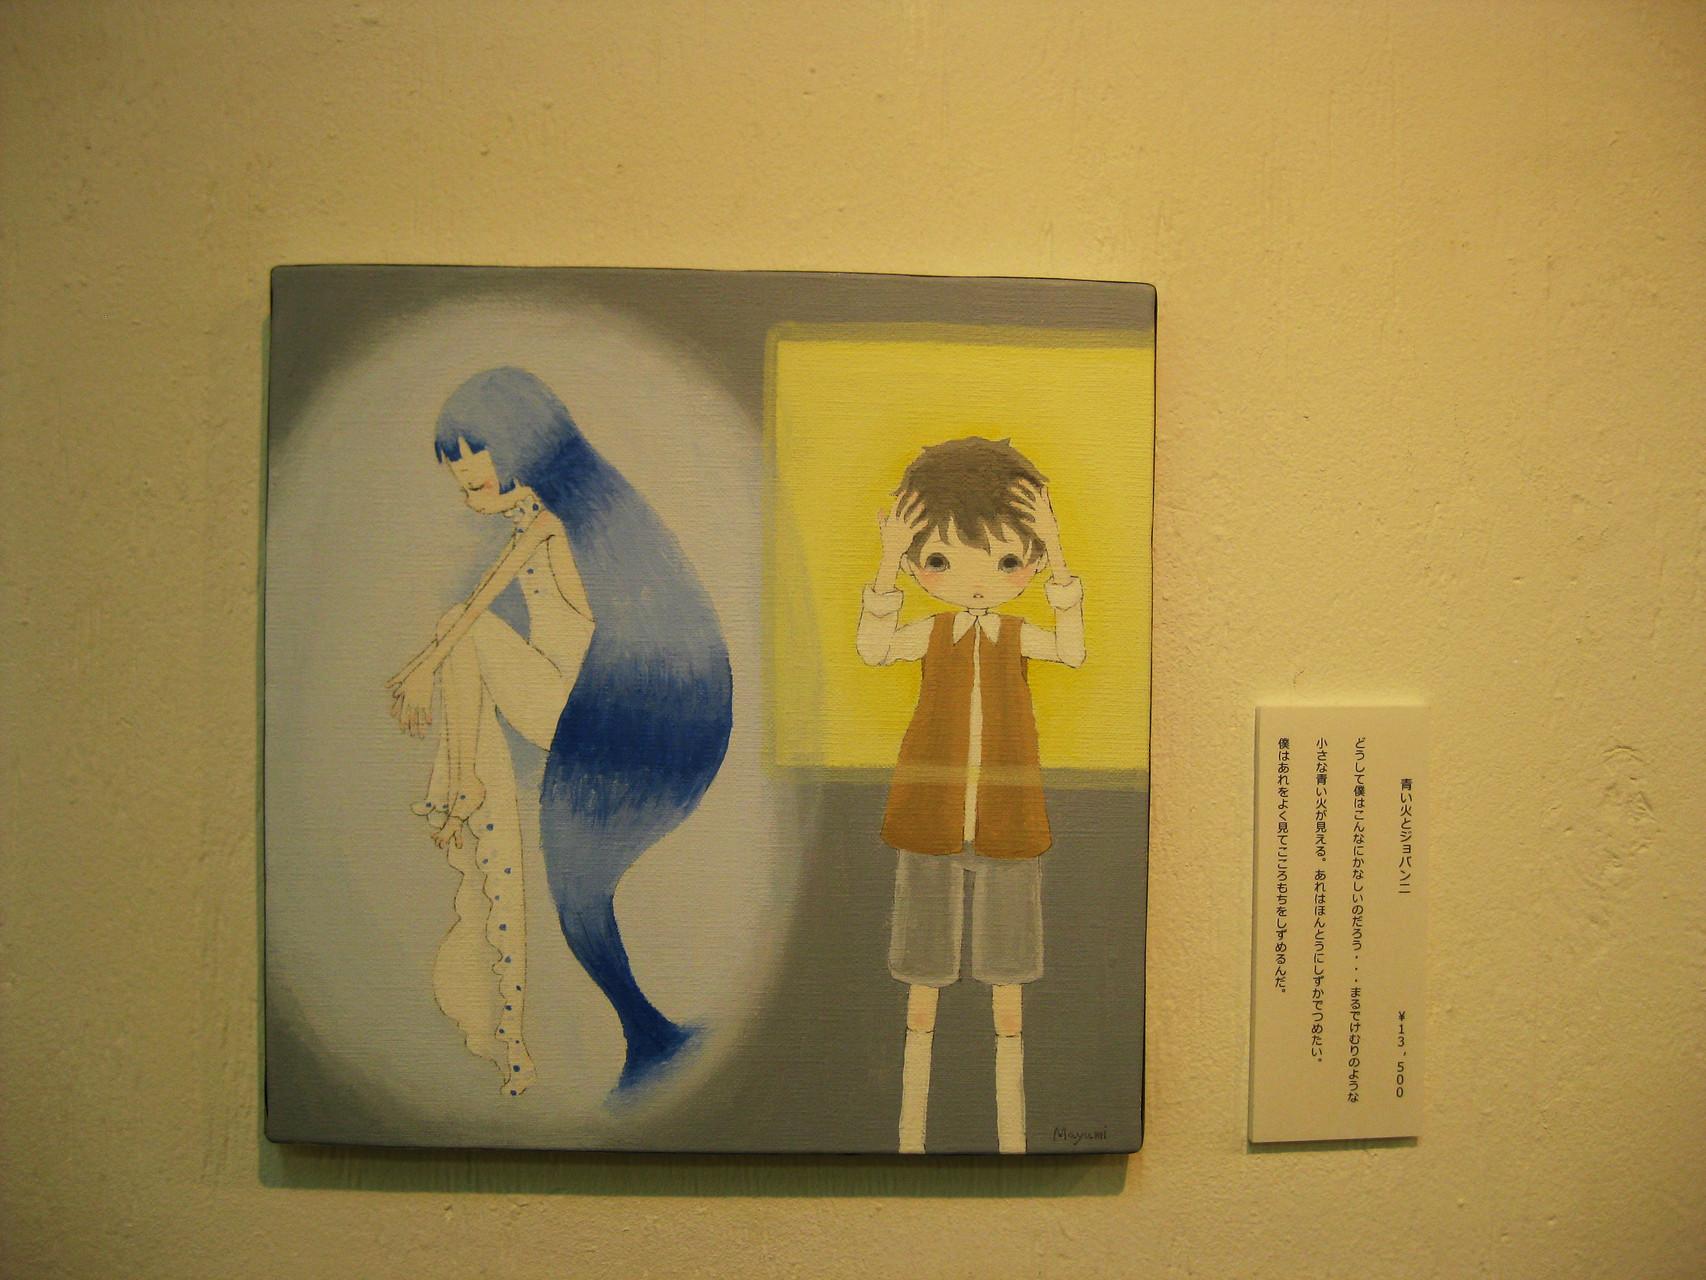 「青い火とジョバンニ」遠くの火を、少女のイメージで。